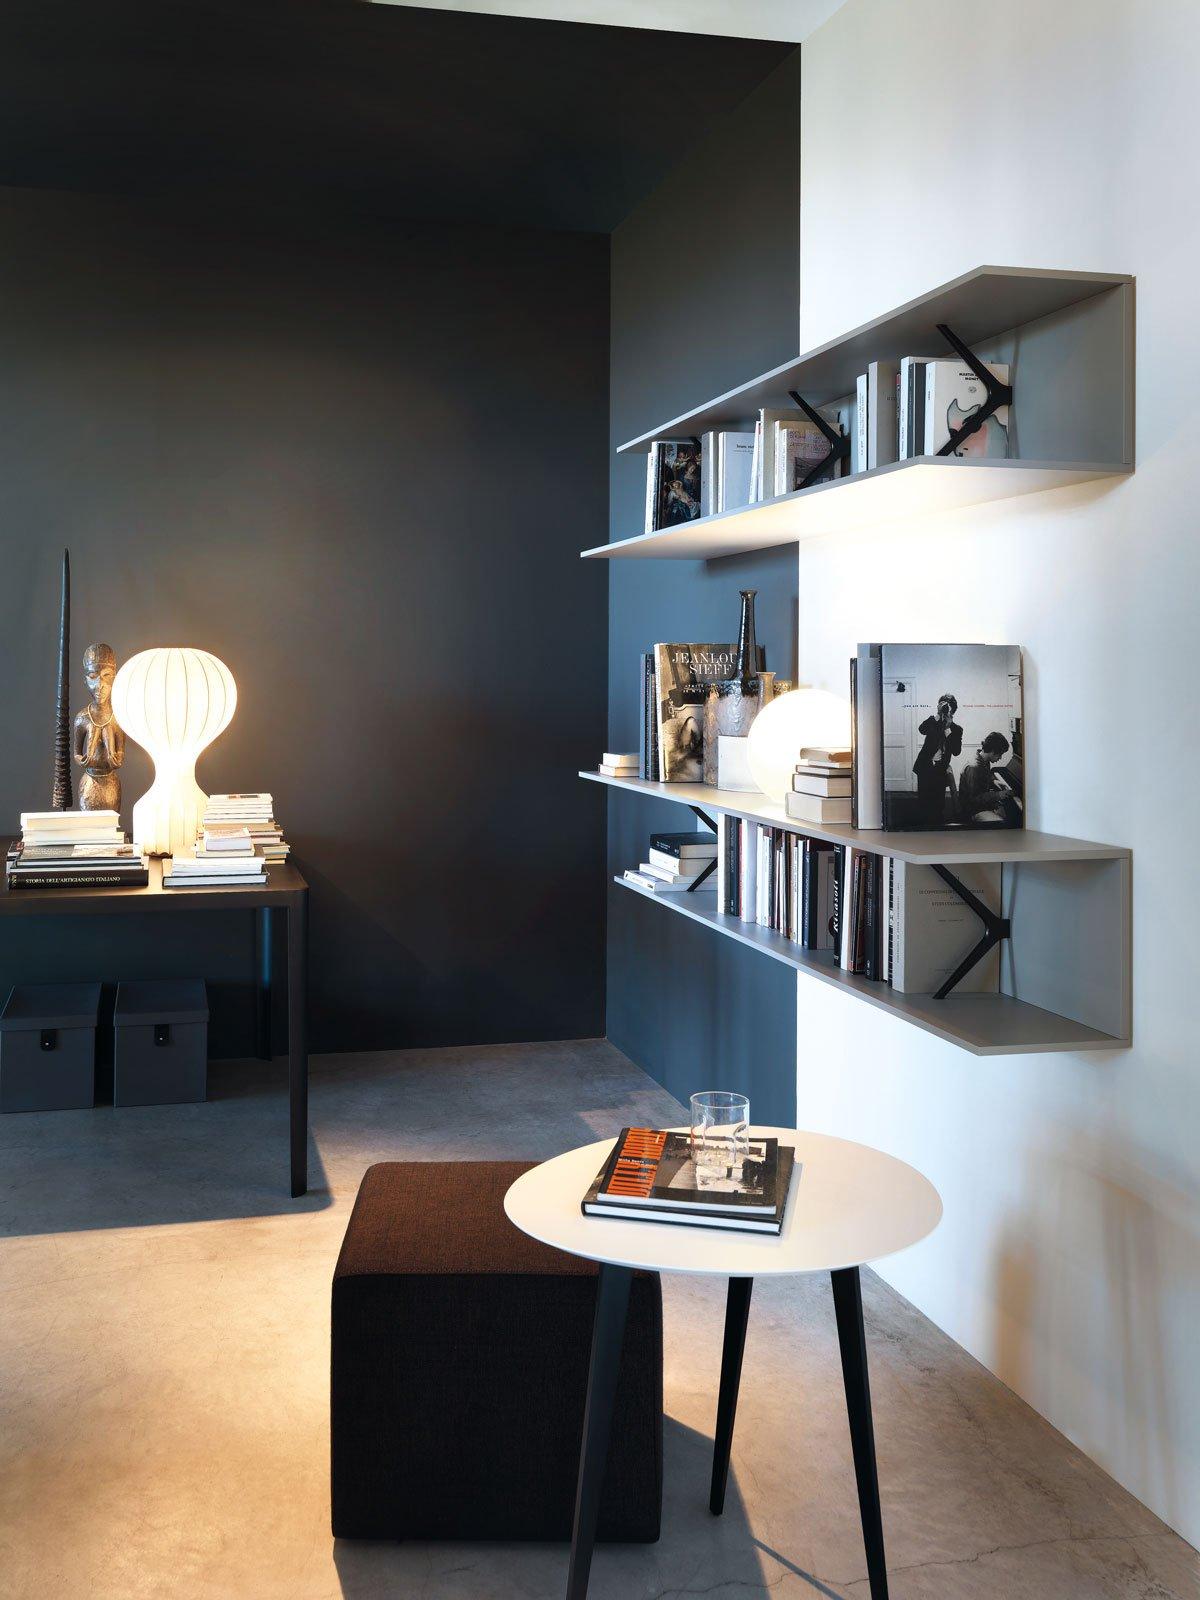 Arredamento: librerie, il posto giusto anche per cd e dvd - Cose ...